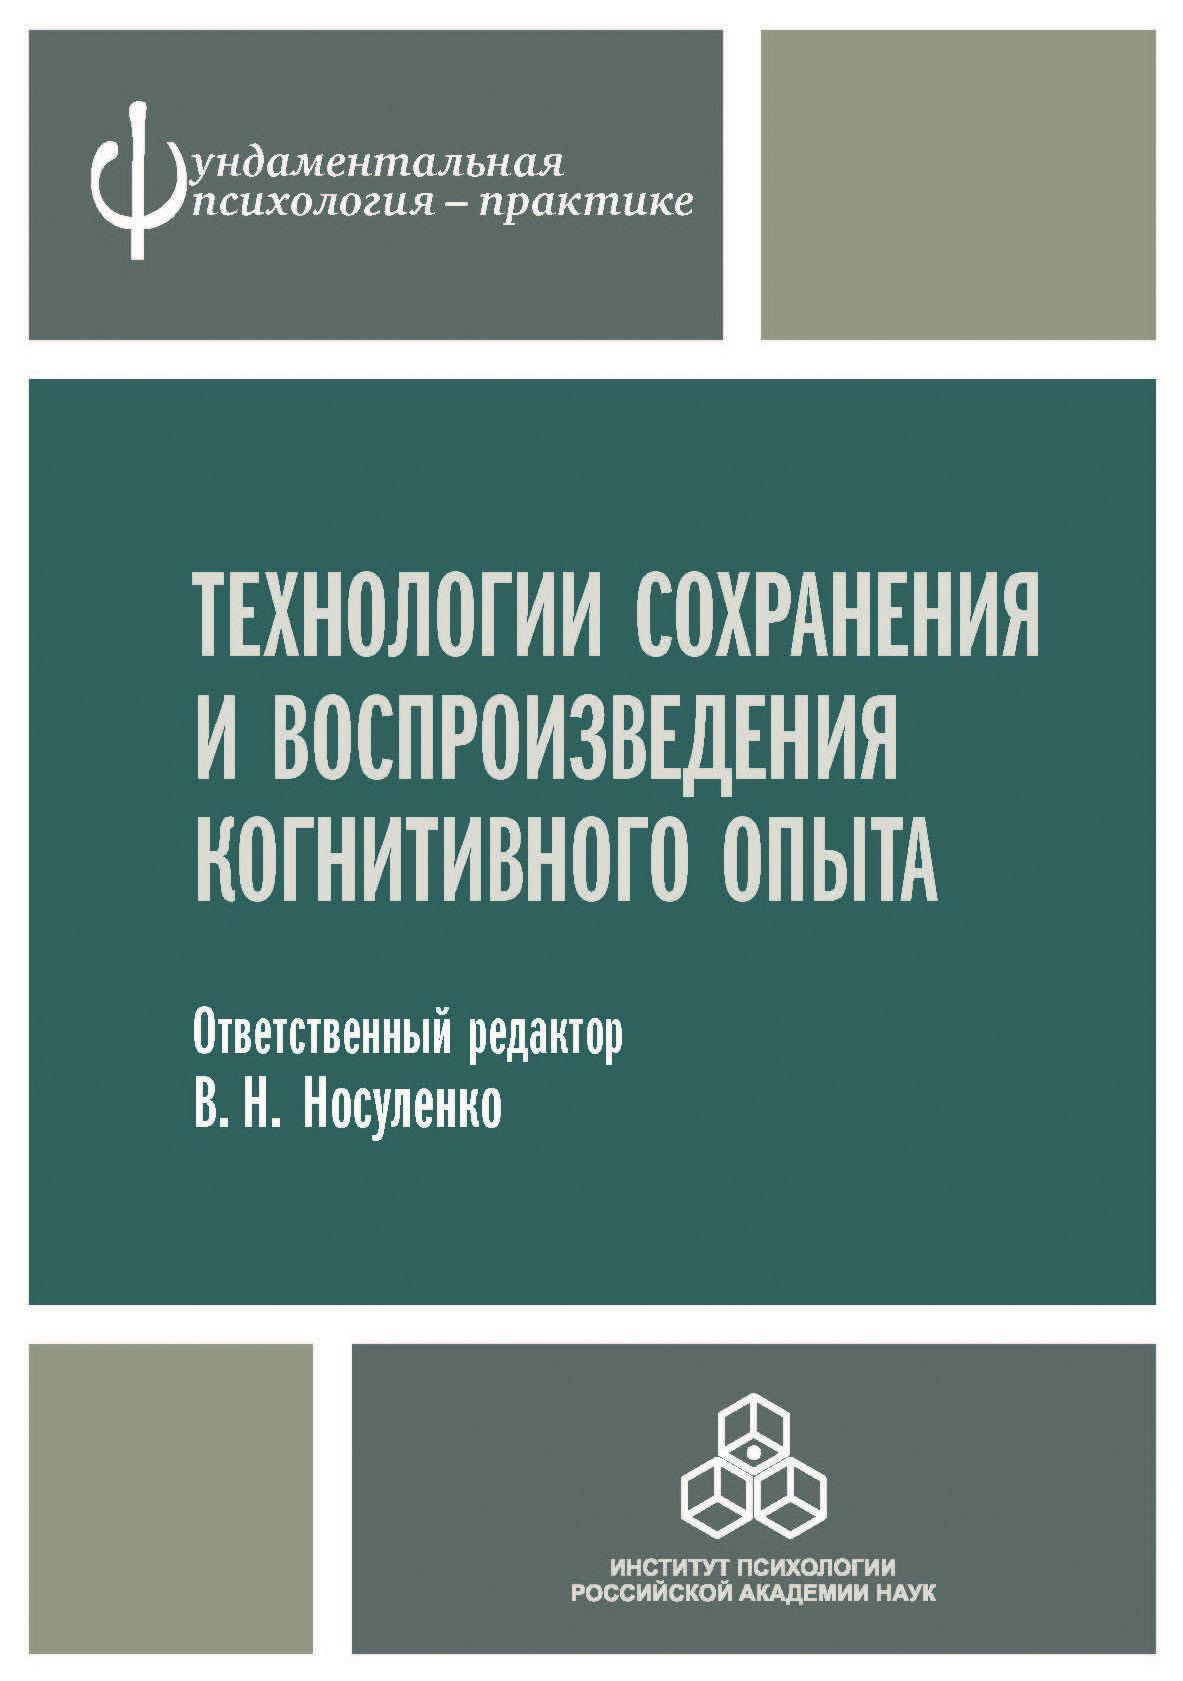 Коллектив авторов Технологии сохранения и воспроизведения когнитивного опыта